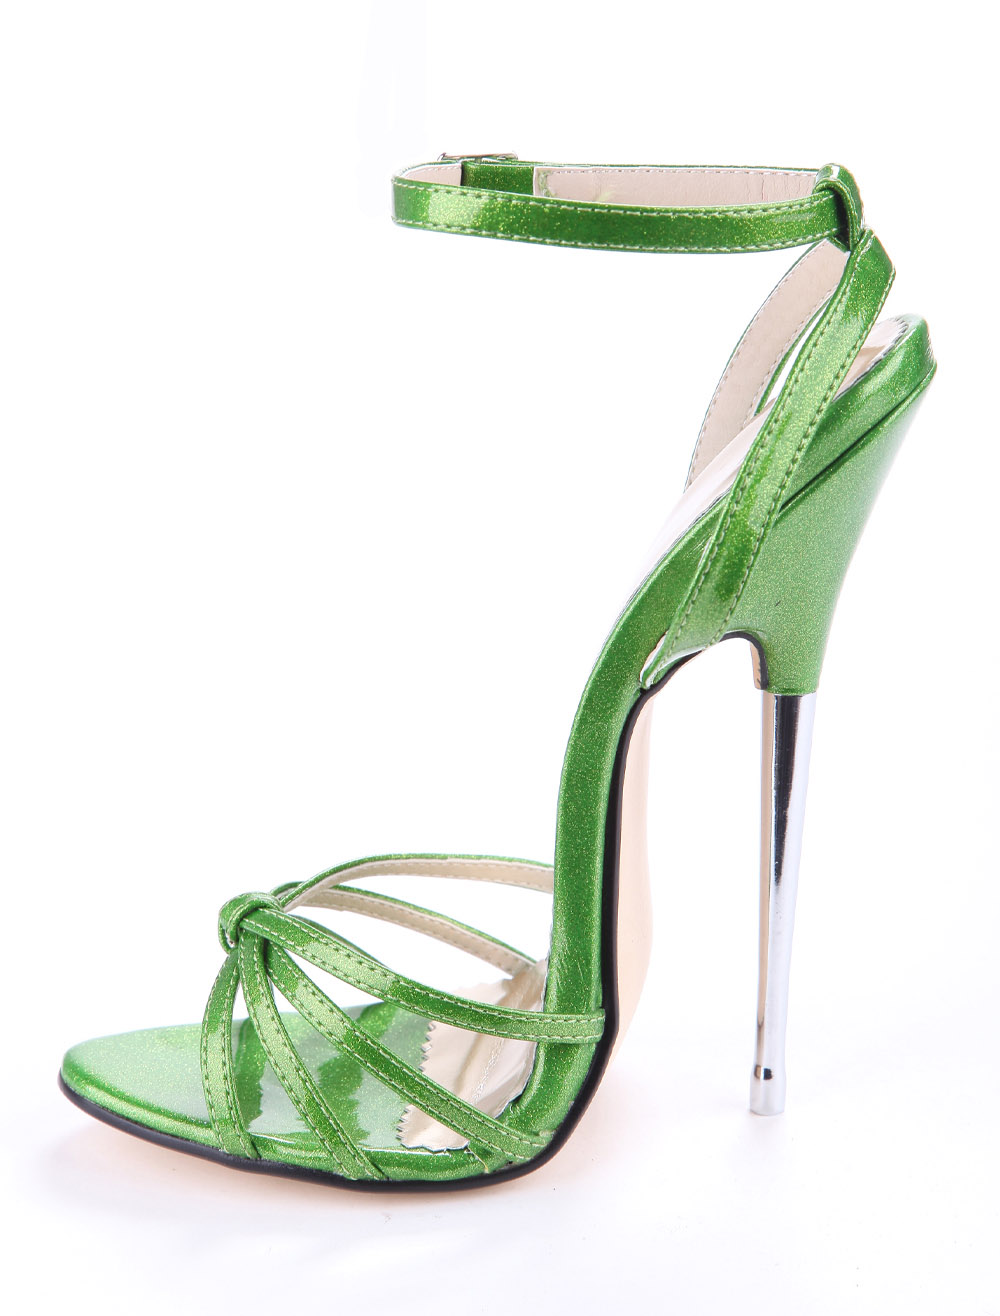 绿色凉鞋 新款 16cm绿色色金属跟尖头细跟大码超高跟女凉鞋_推荐淘宝好看的绿色凉鞋